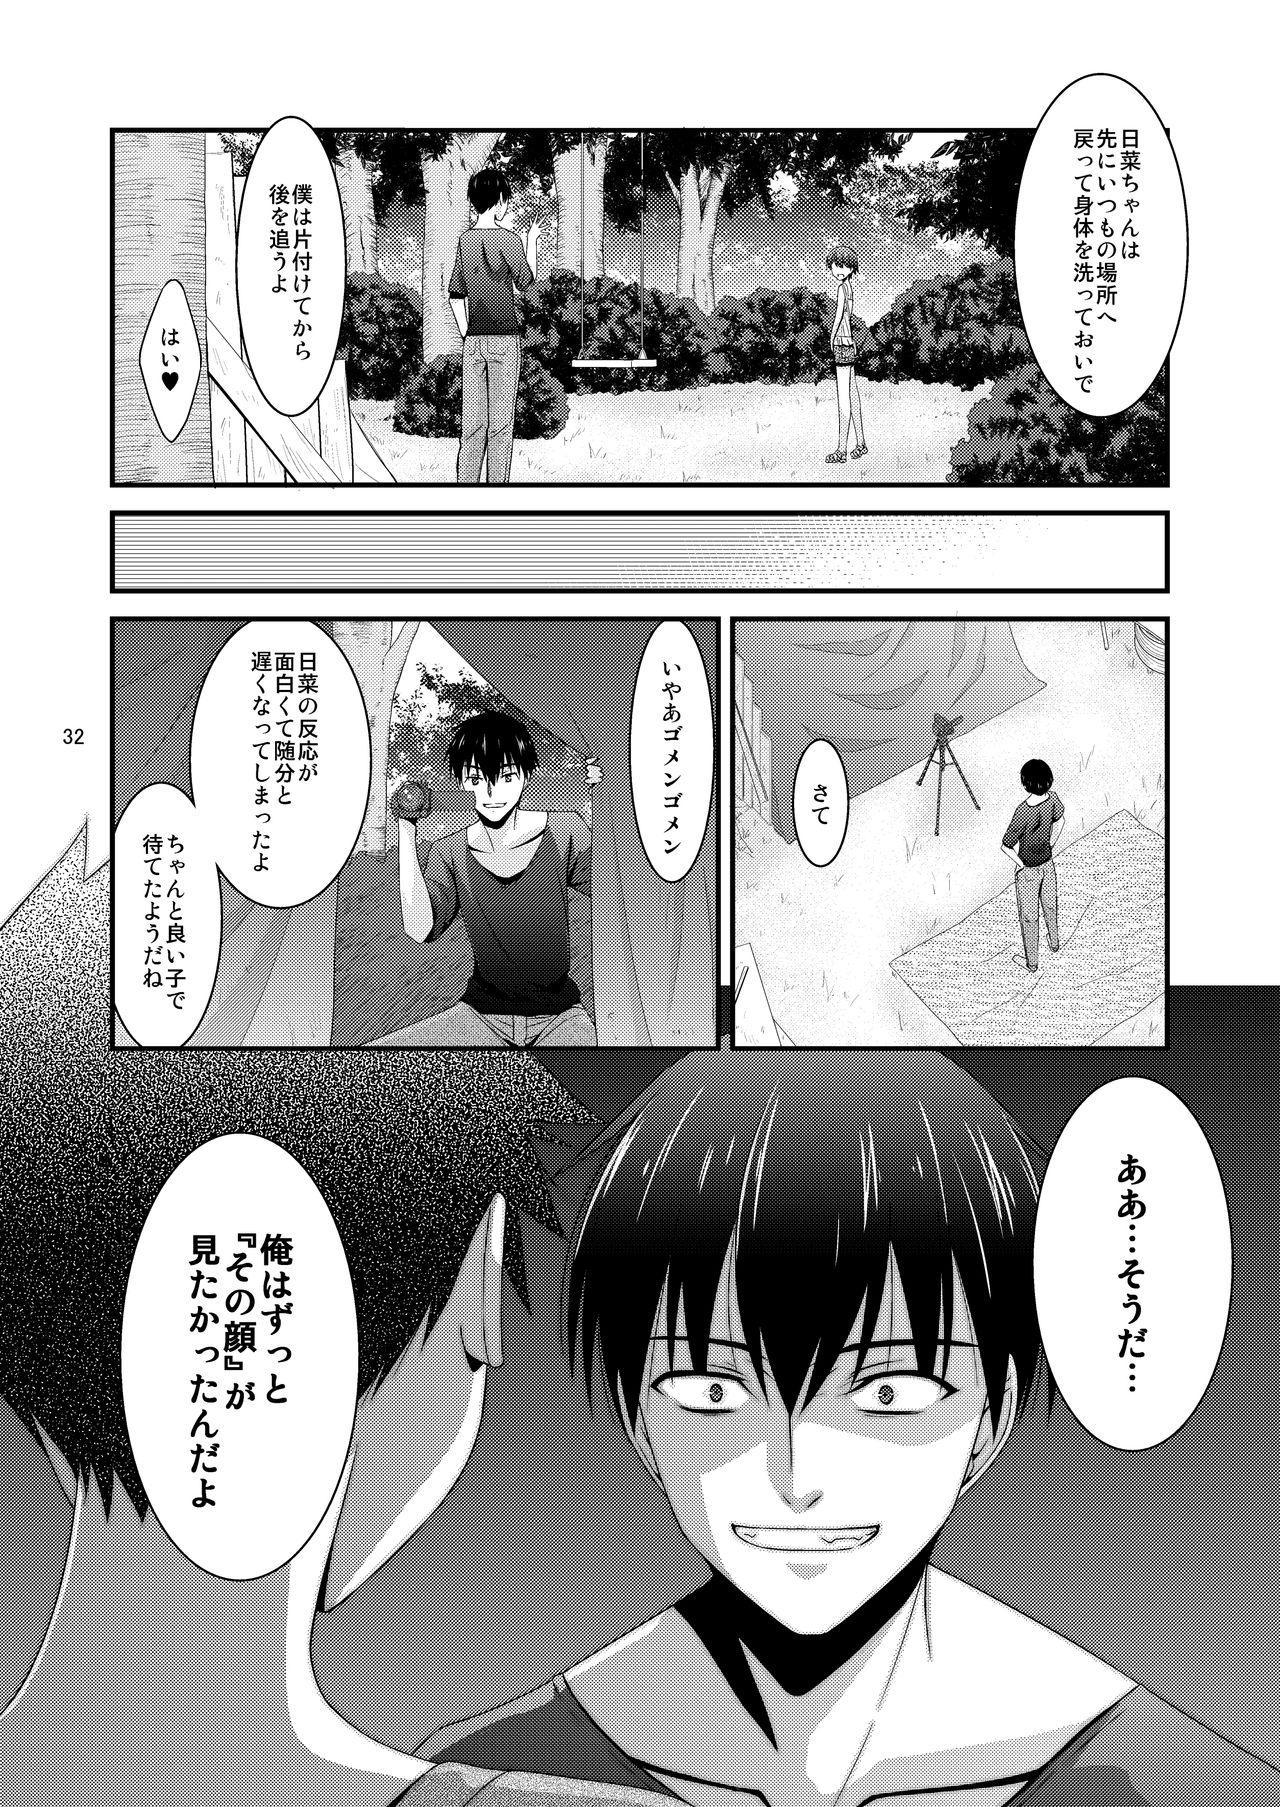 Anoko ga Aitsu no Omocha ni Natta Hi Kanzaki Hina Hen AFTER 31